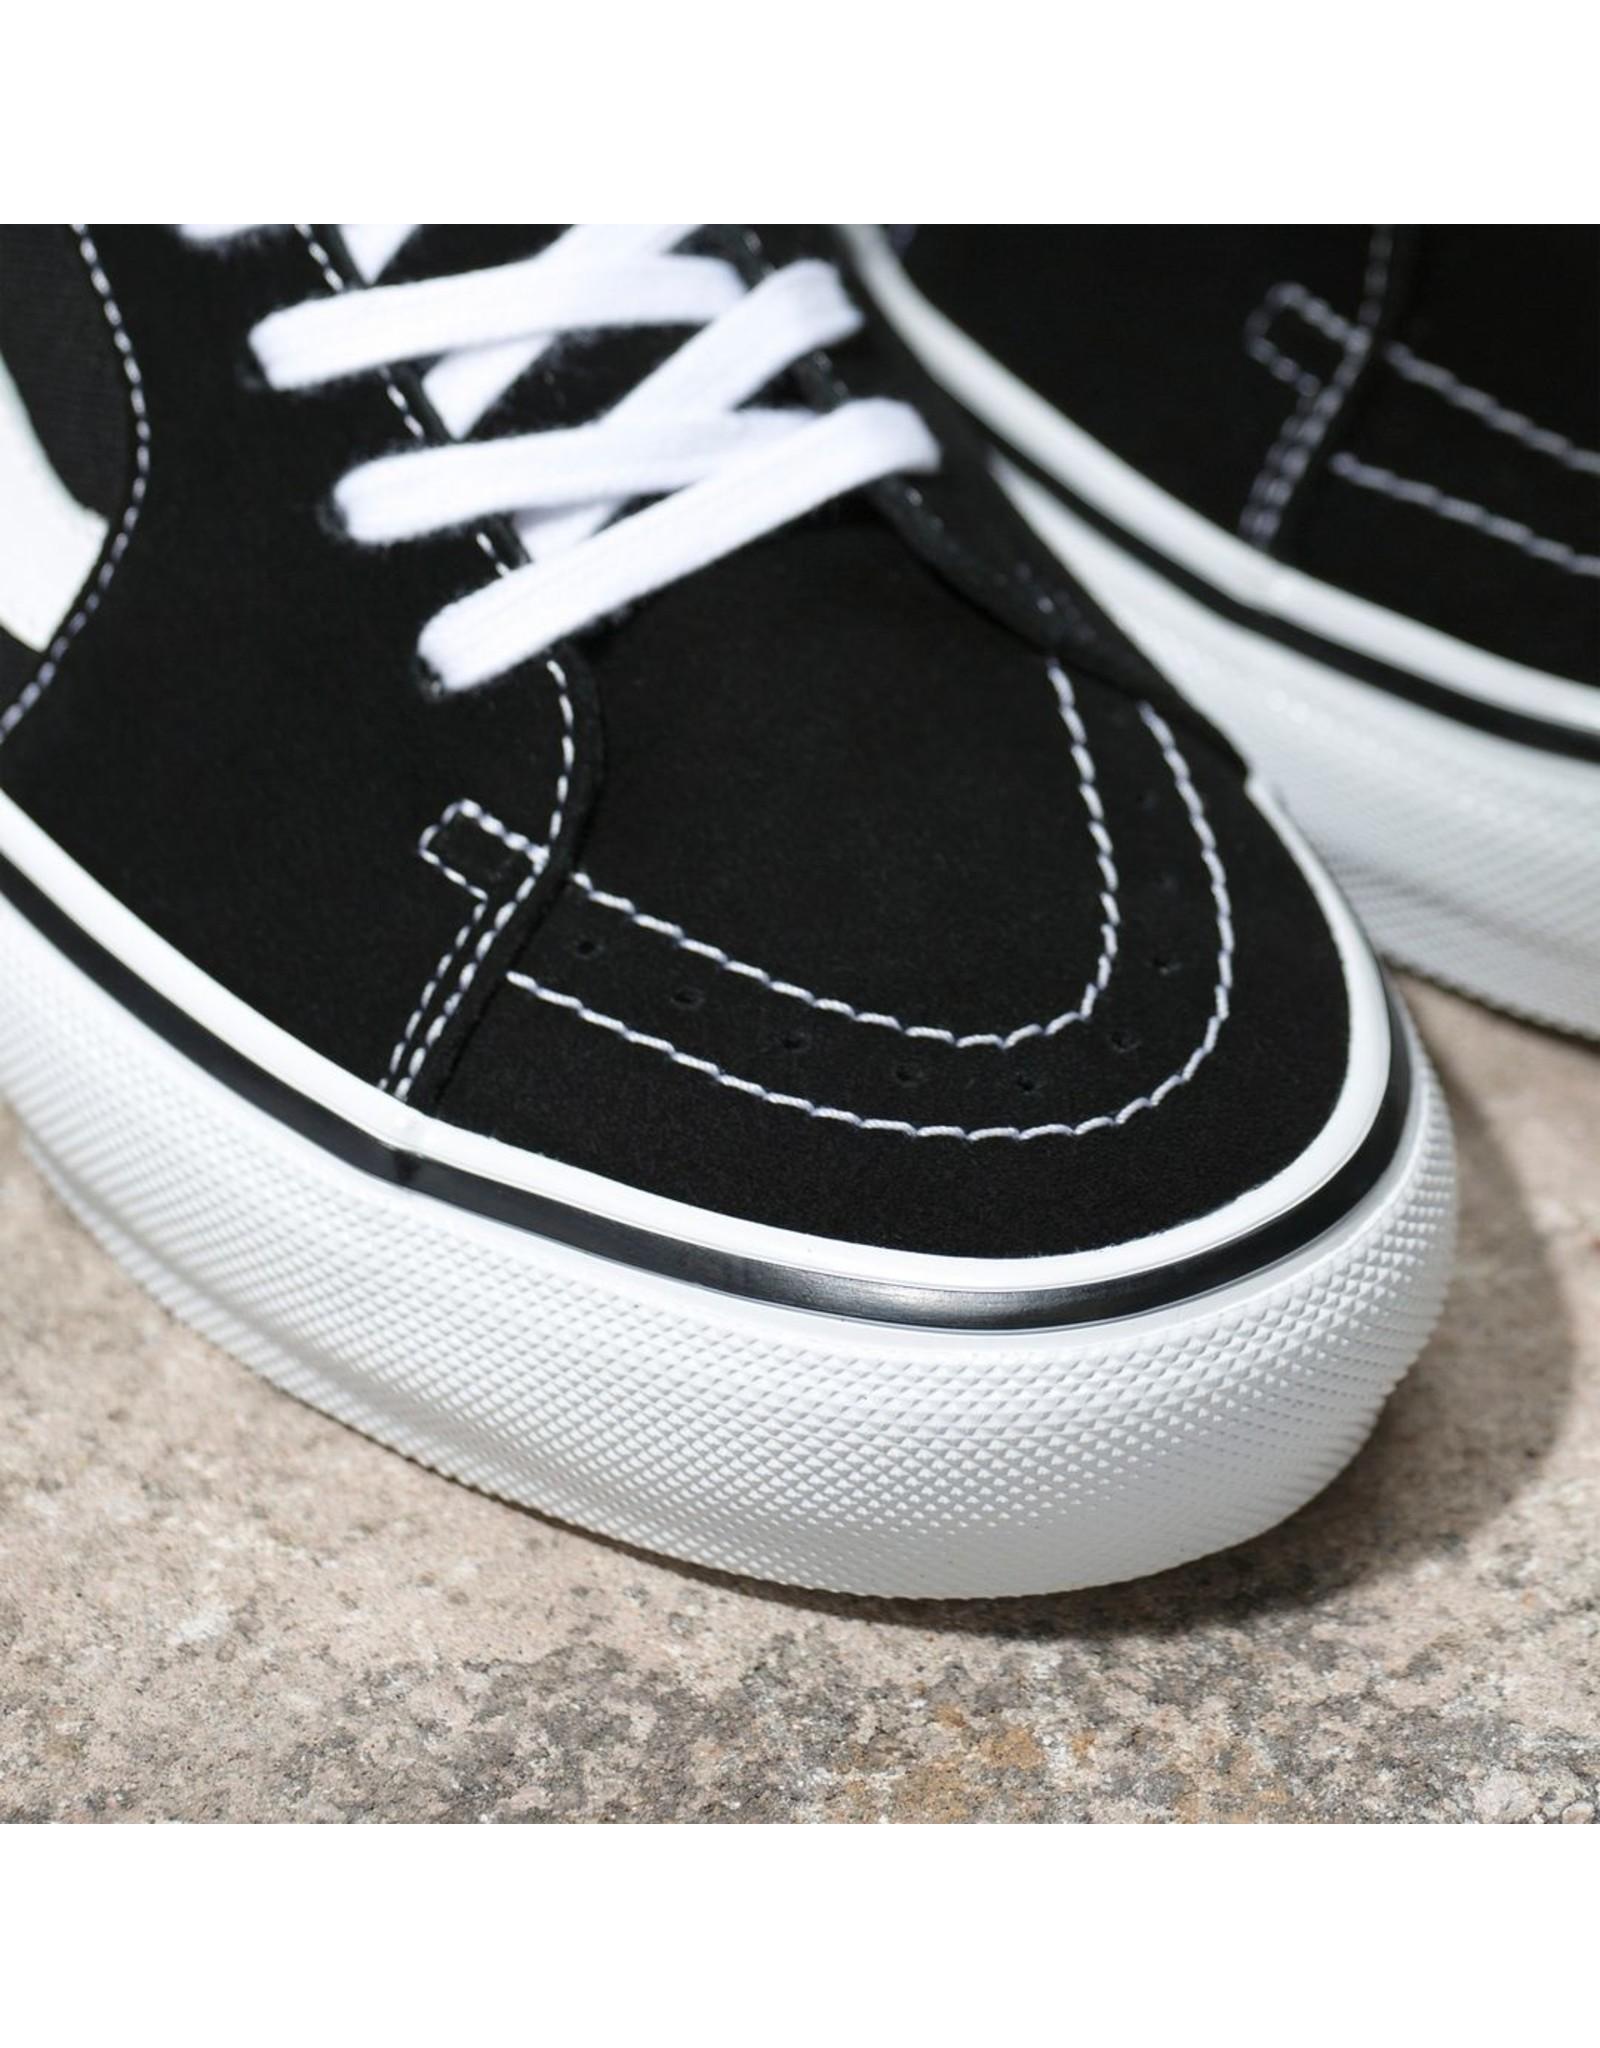 VANS VANS - SK8-LOW SKATE - BLACK/WHITE-